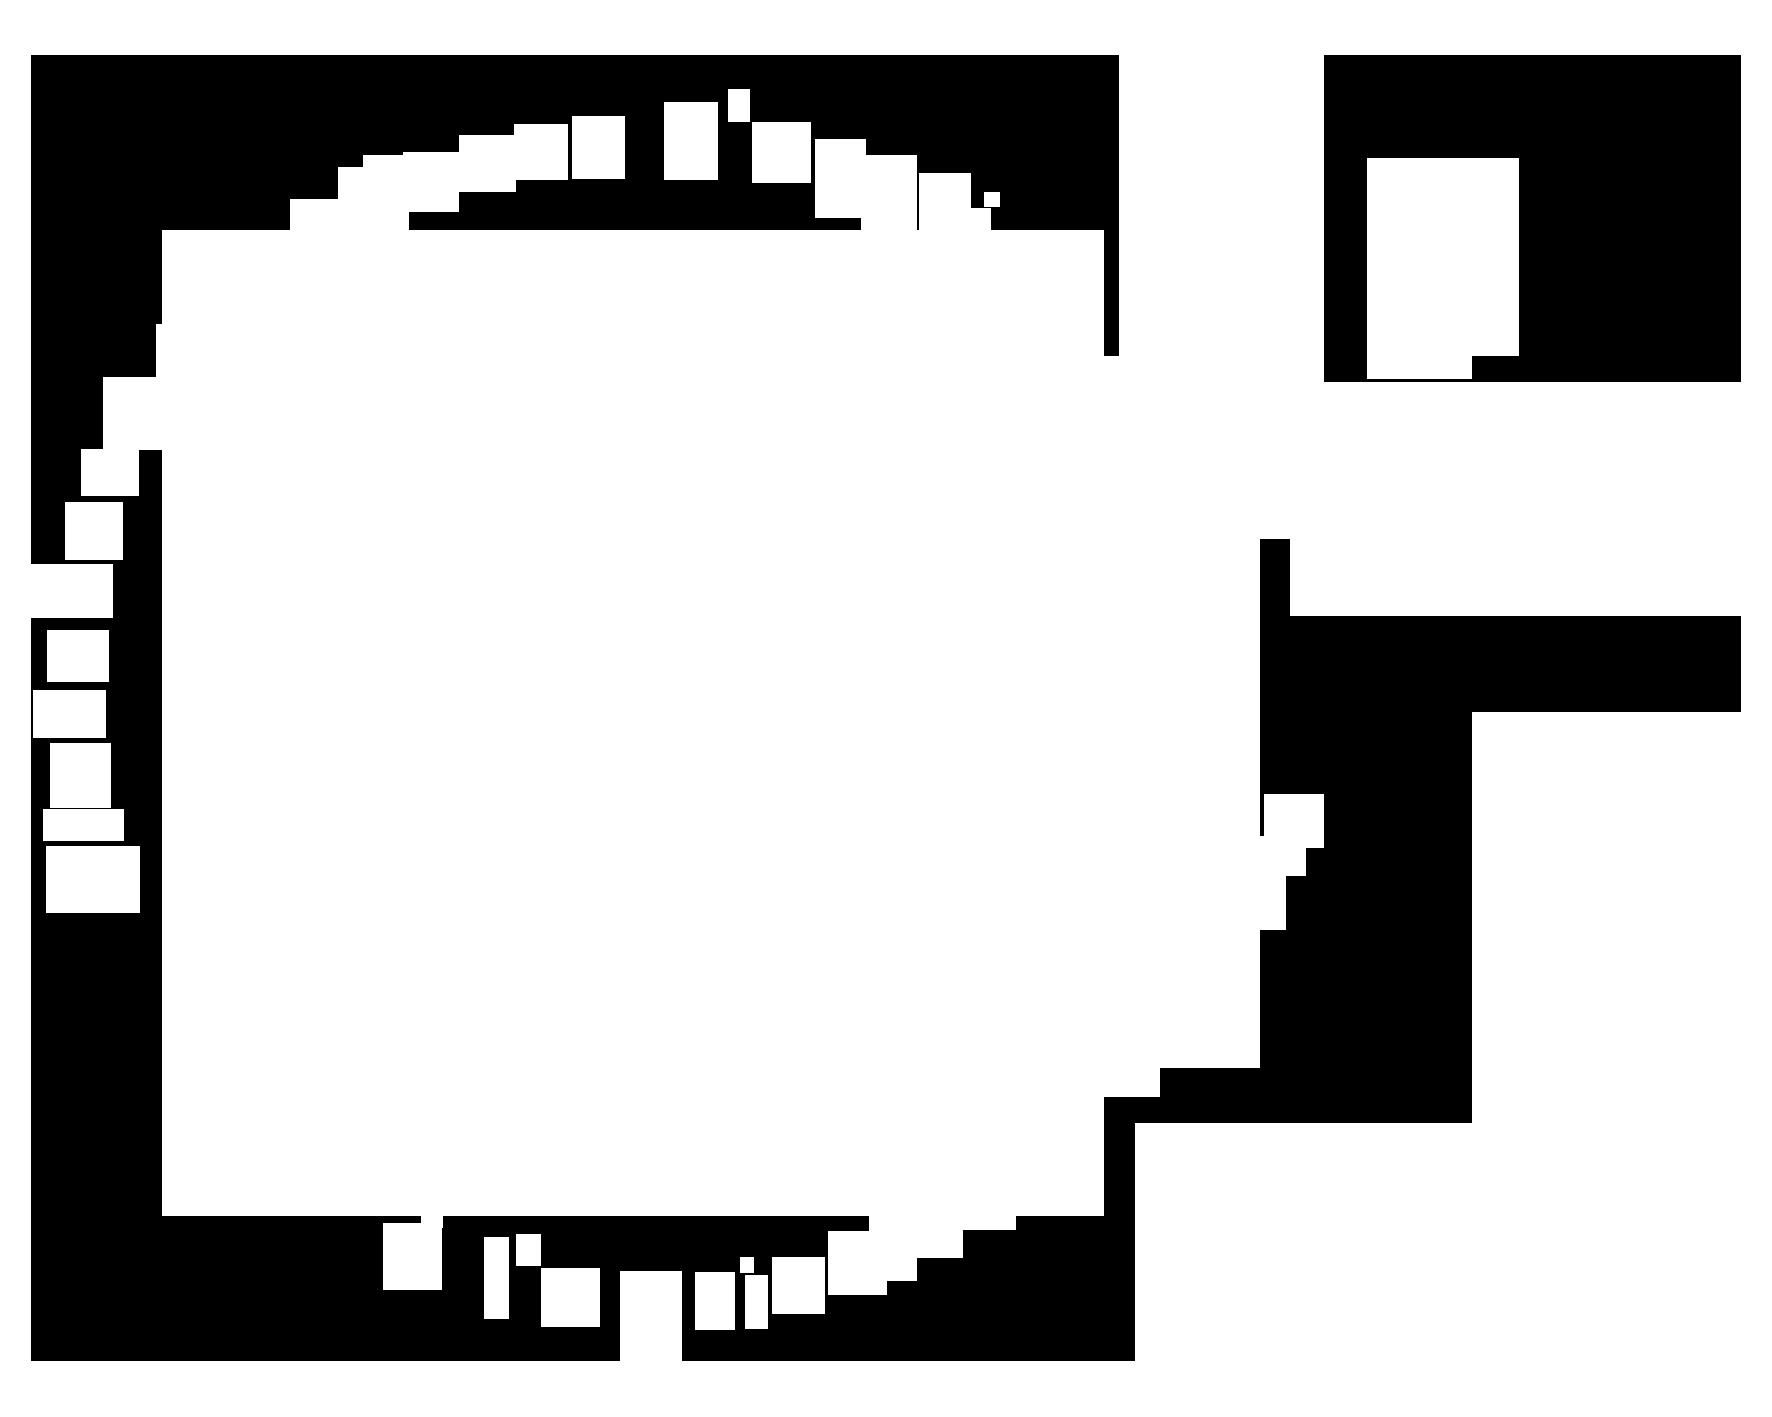 logo-Plateforme-wallonne-d-appui-a-l-agriculture-sociale-BLANC